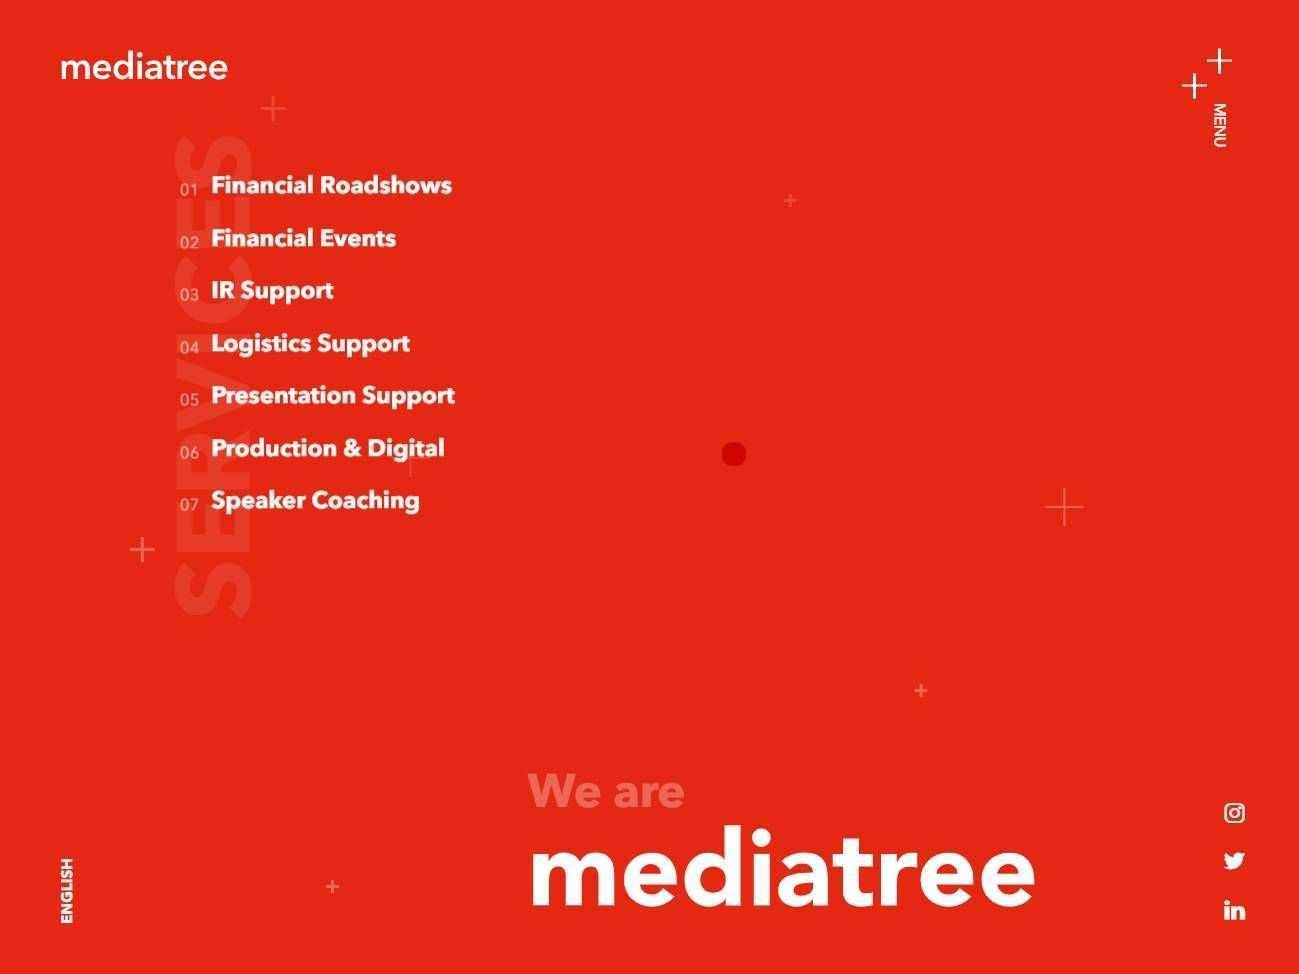 Mediatree Visualmodo Awards In 2020 Web Design Web Development Design Design Development